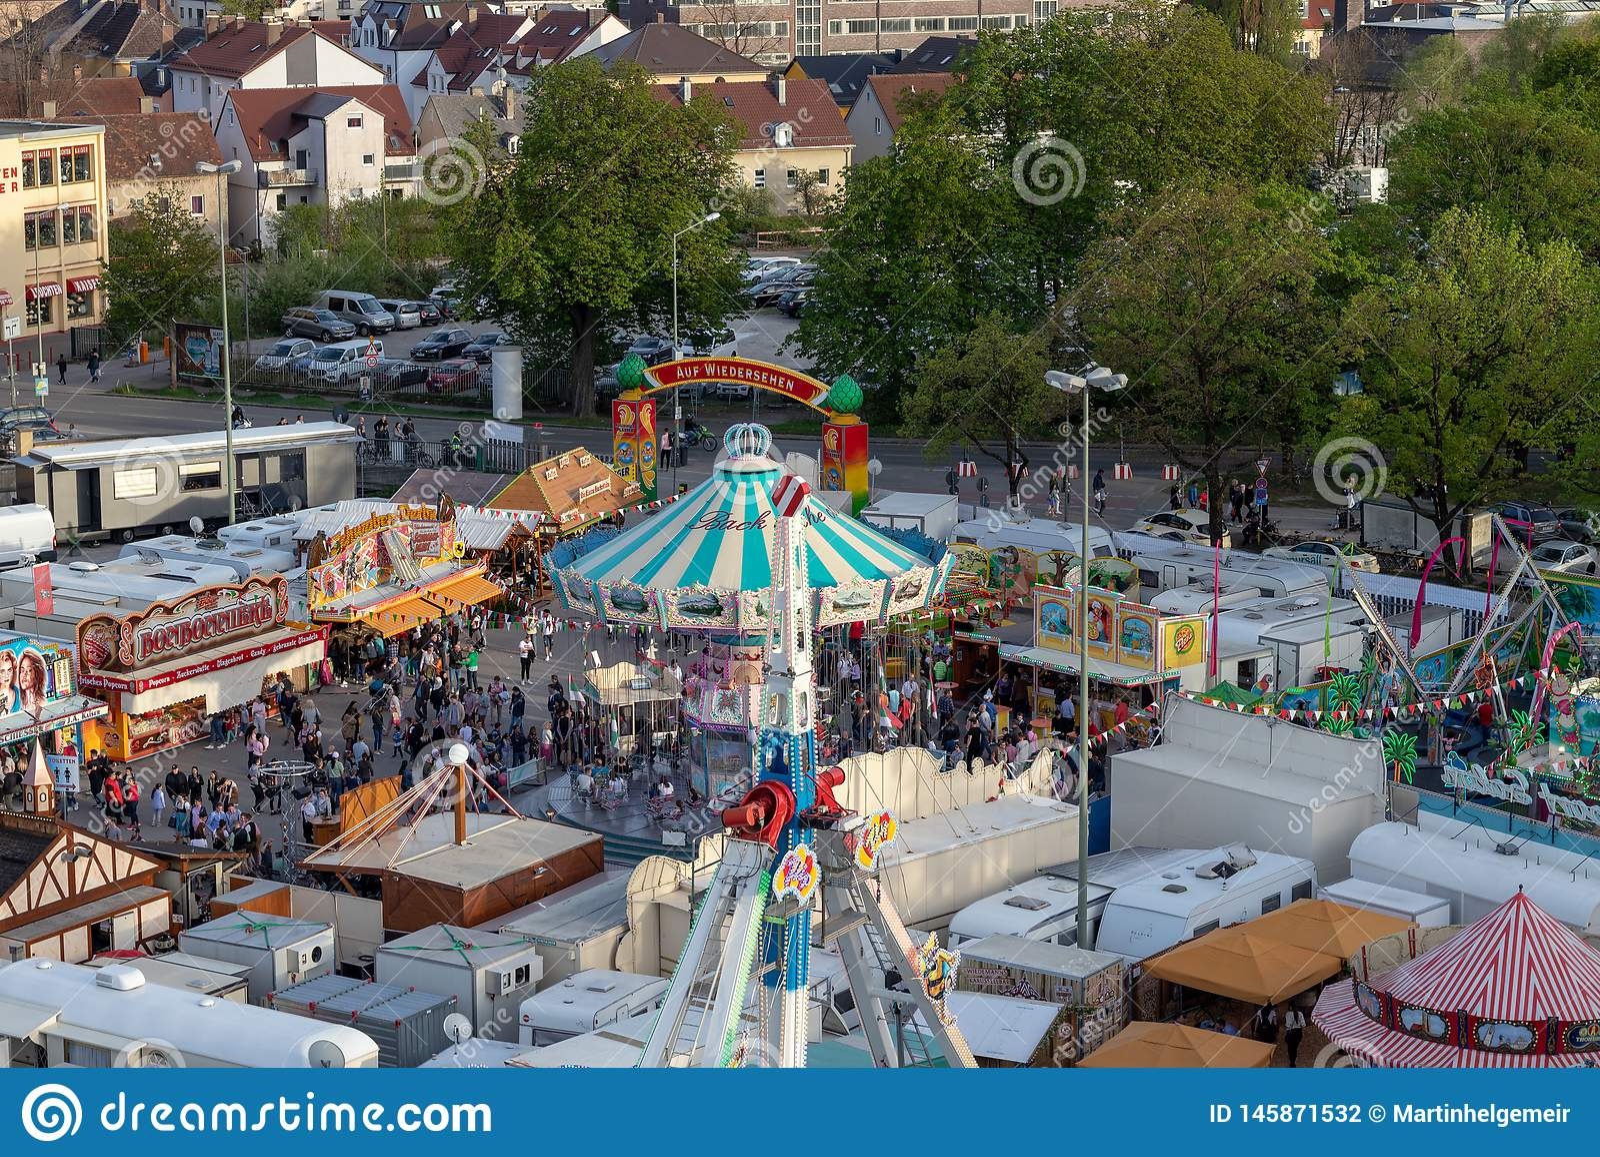 Plaerrer, Augsburski Niemcy, KWIECIEŃ 22, 2019: przegląda z ferris koła nad Augsburger Plaerrer Swabia duży funfair